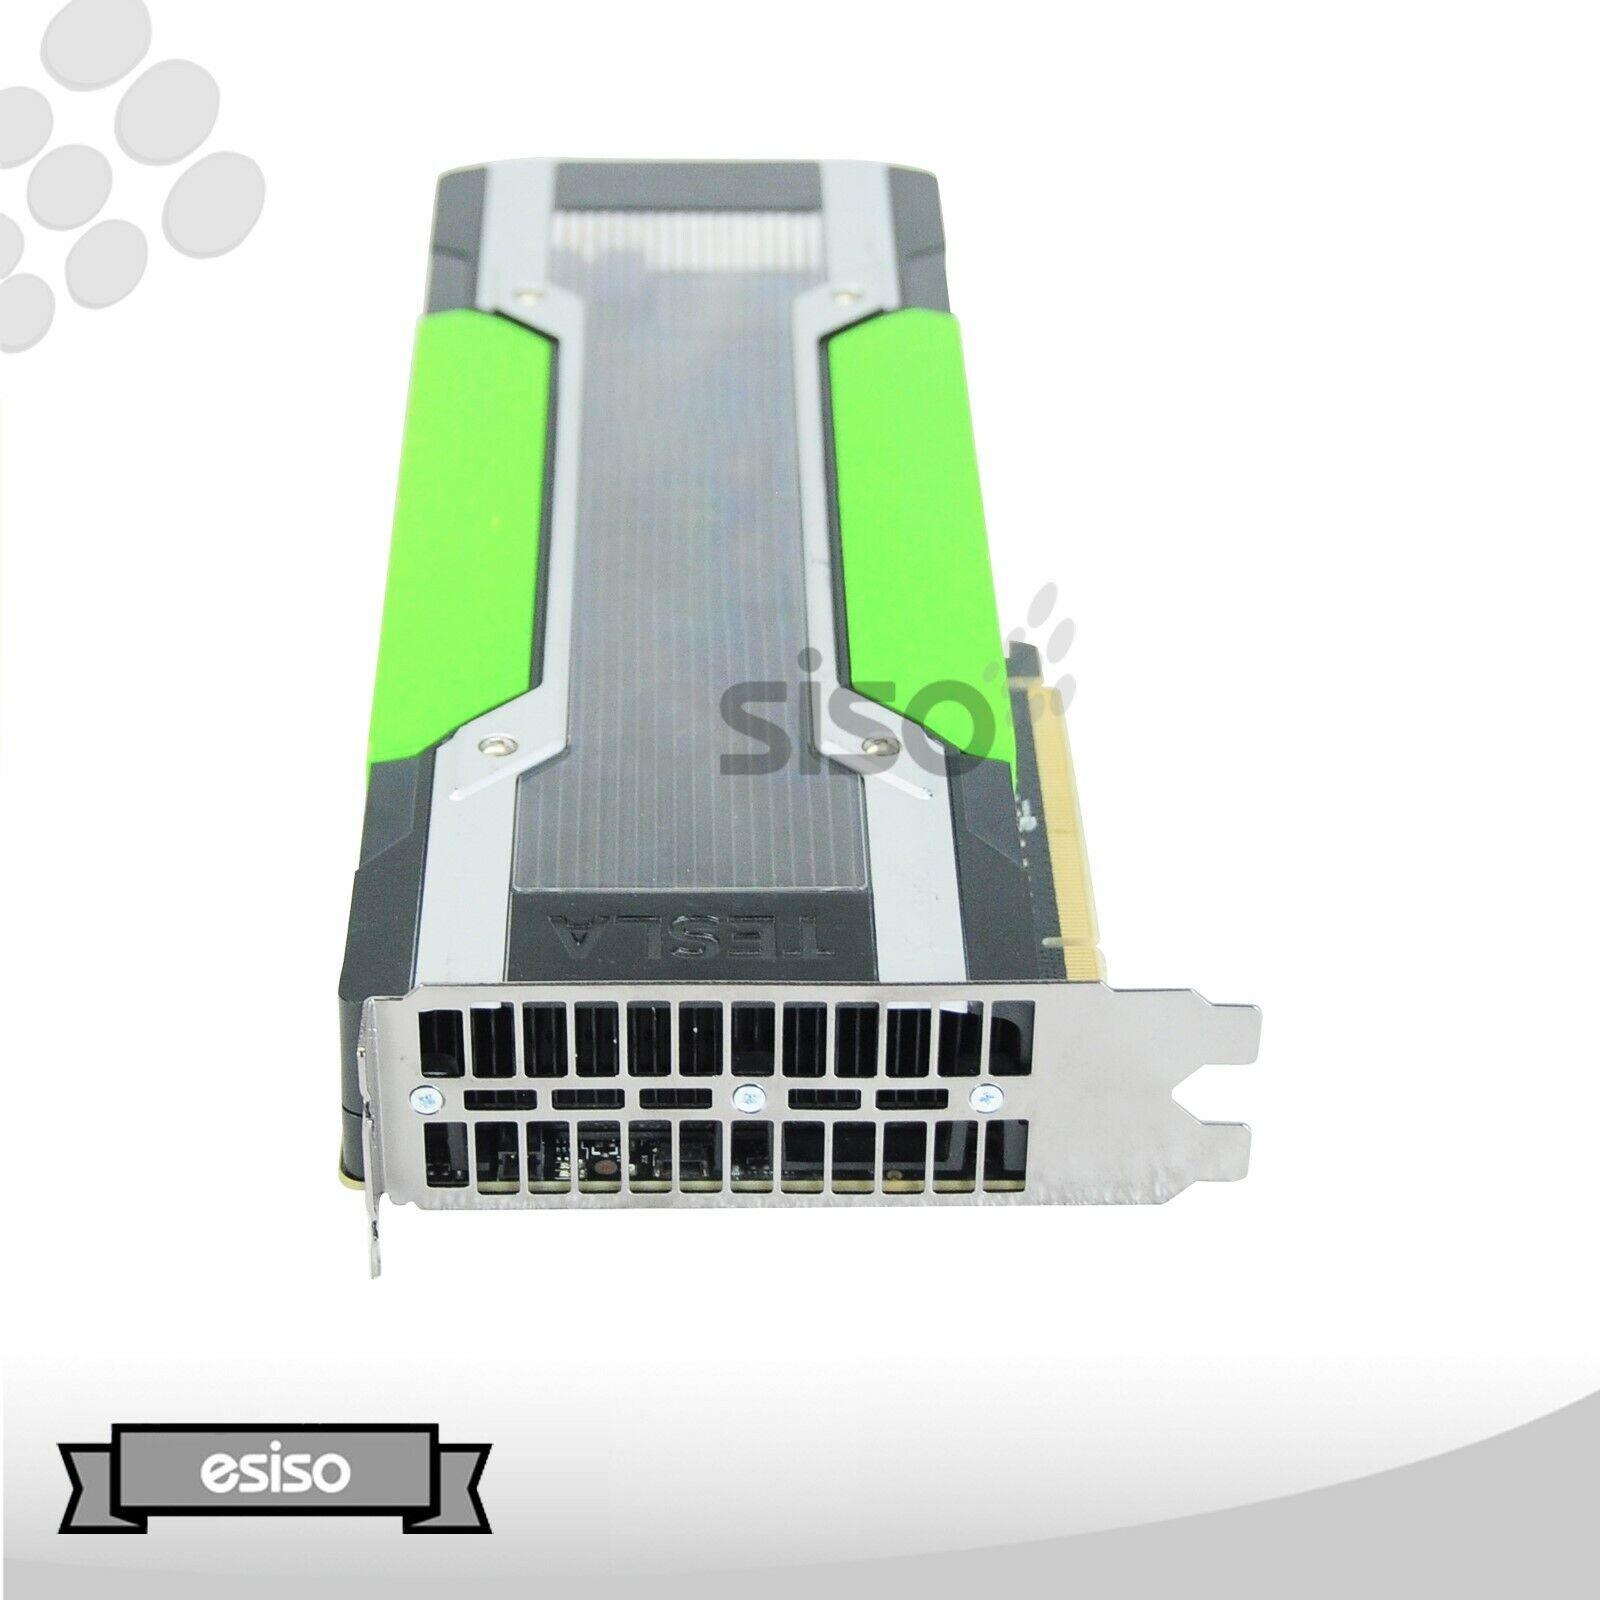 TESLA K80 900-22080-6300-000 NVIDIA 24GB GDDR5 CUDA GPU GRAPHICS ACCELERATORS